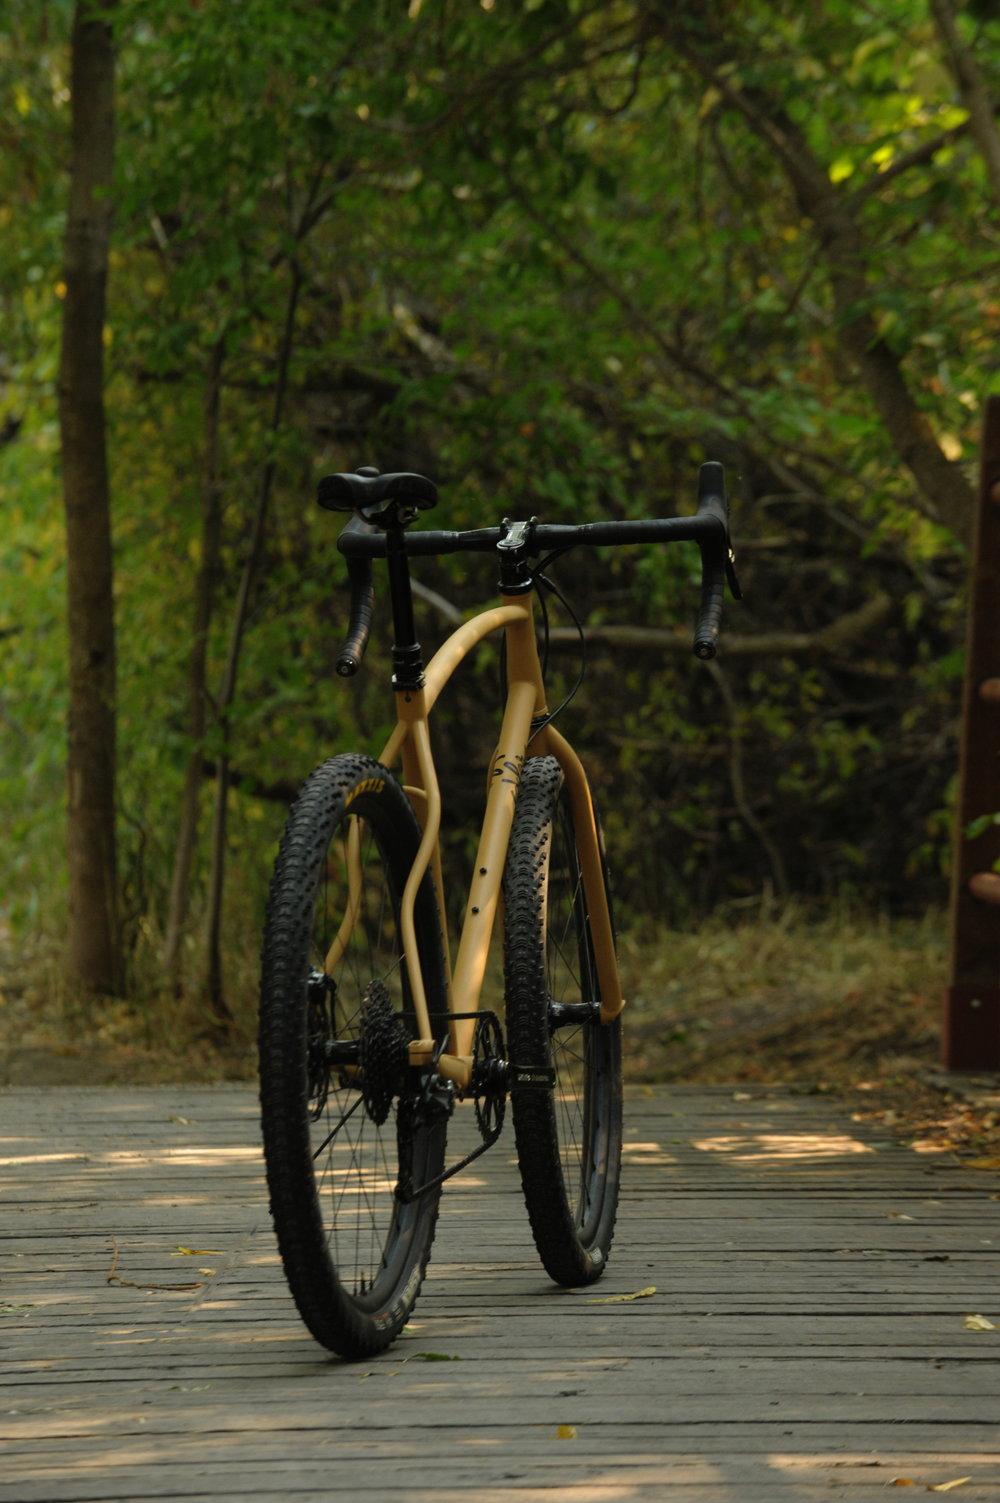 sklar steel monster cross bike